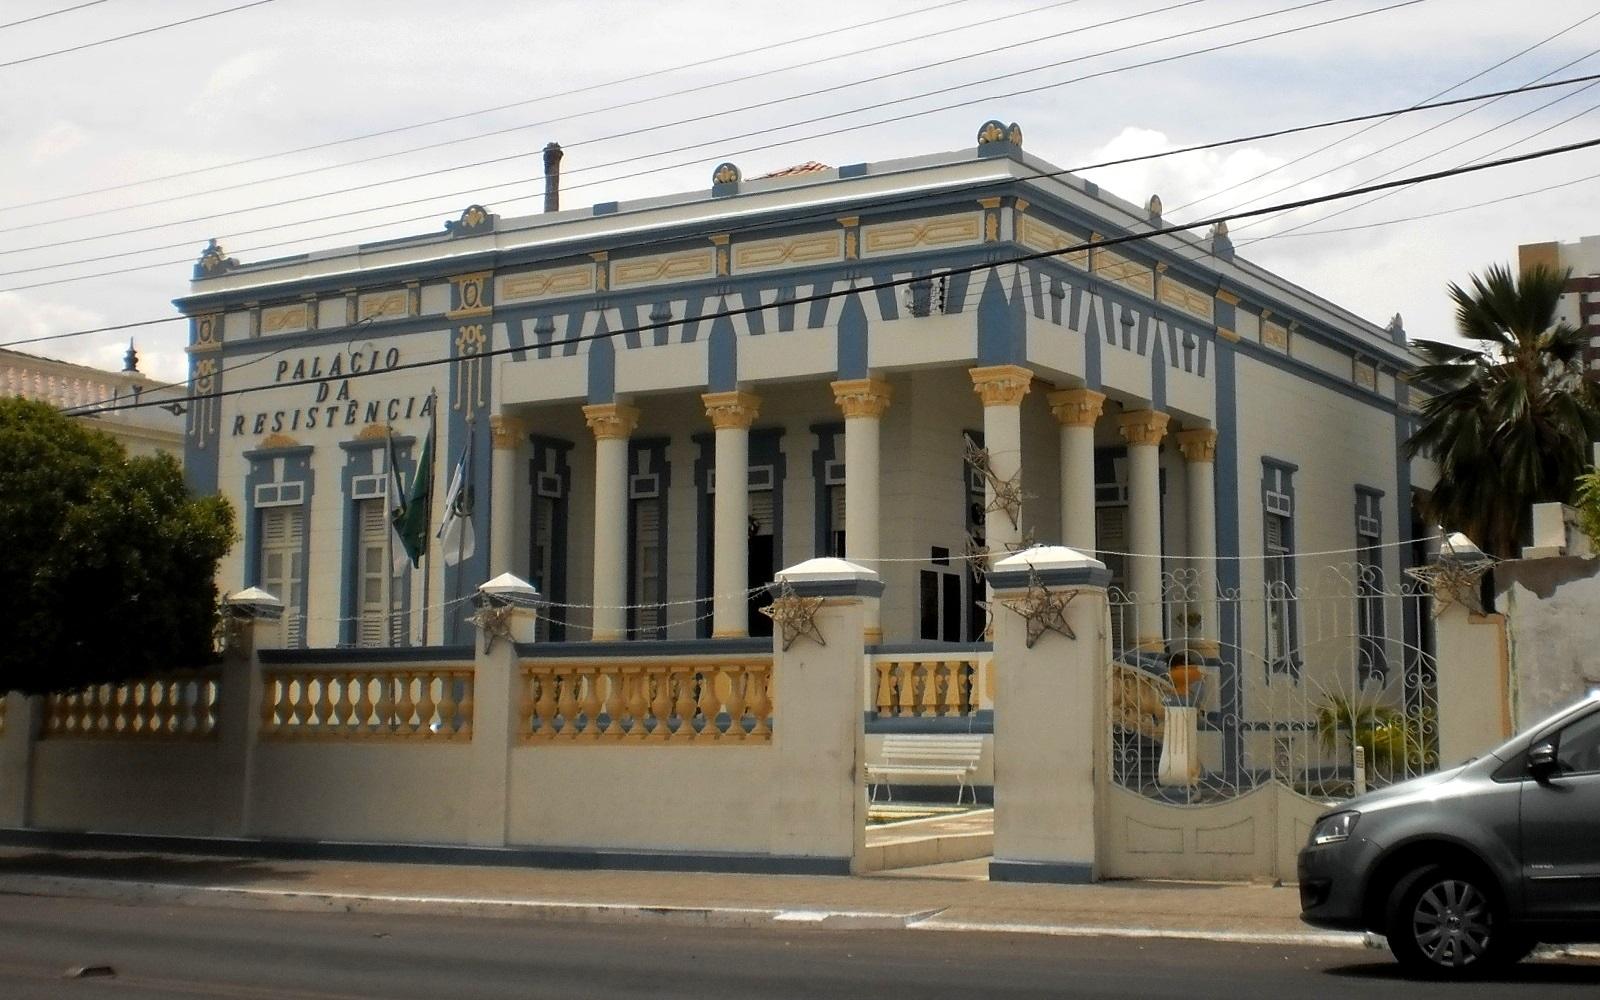 Resultado de imagem para foto da sede da prefeitura de mossoro